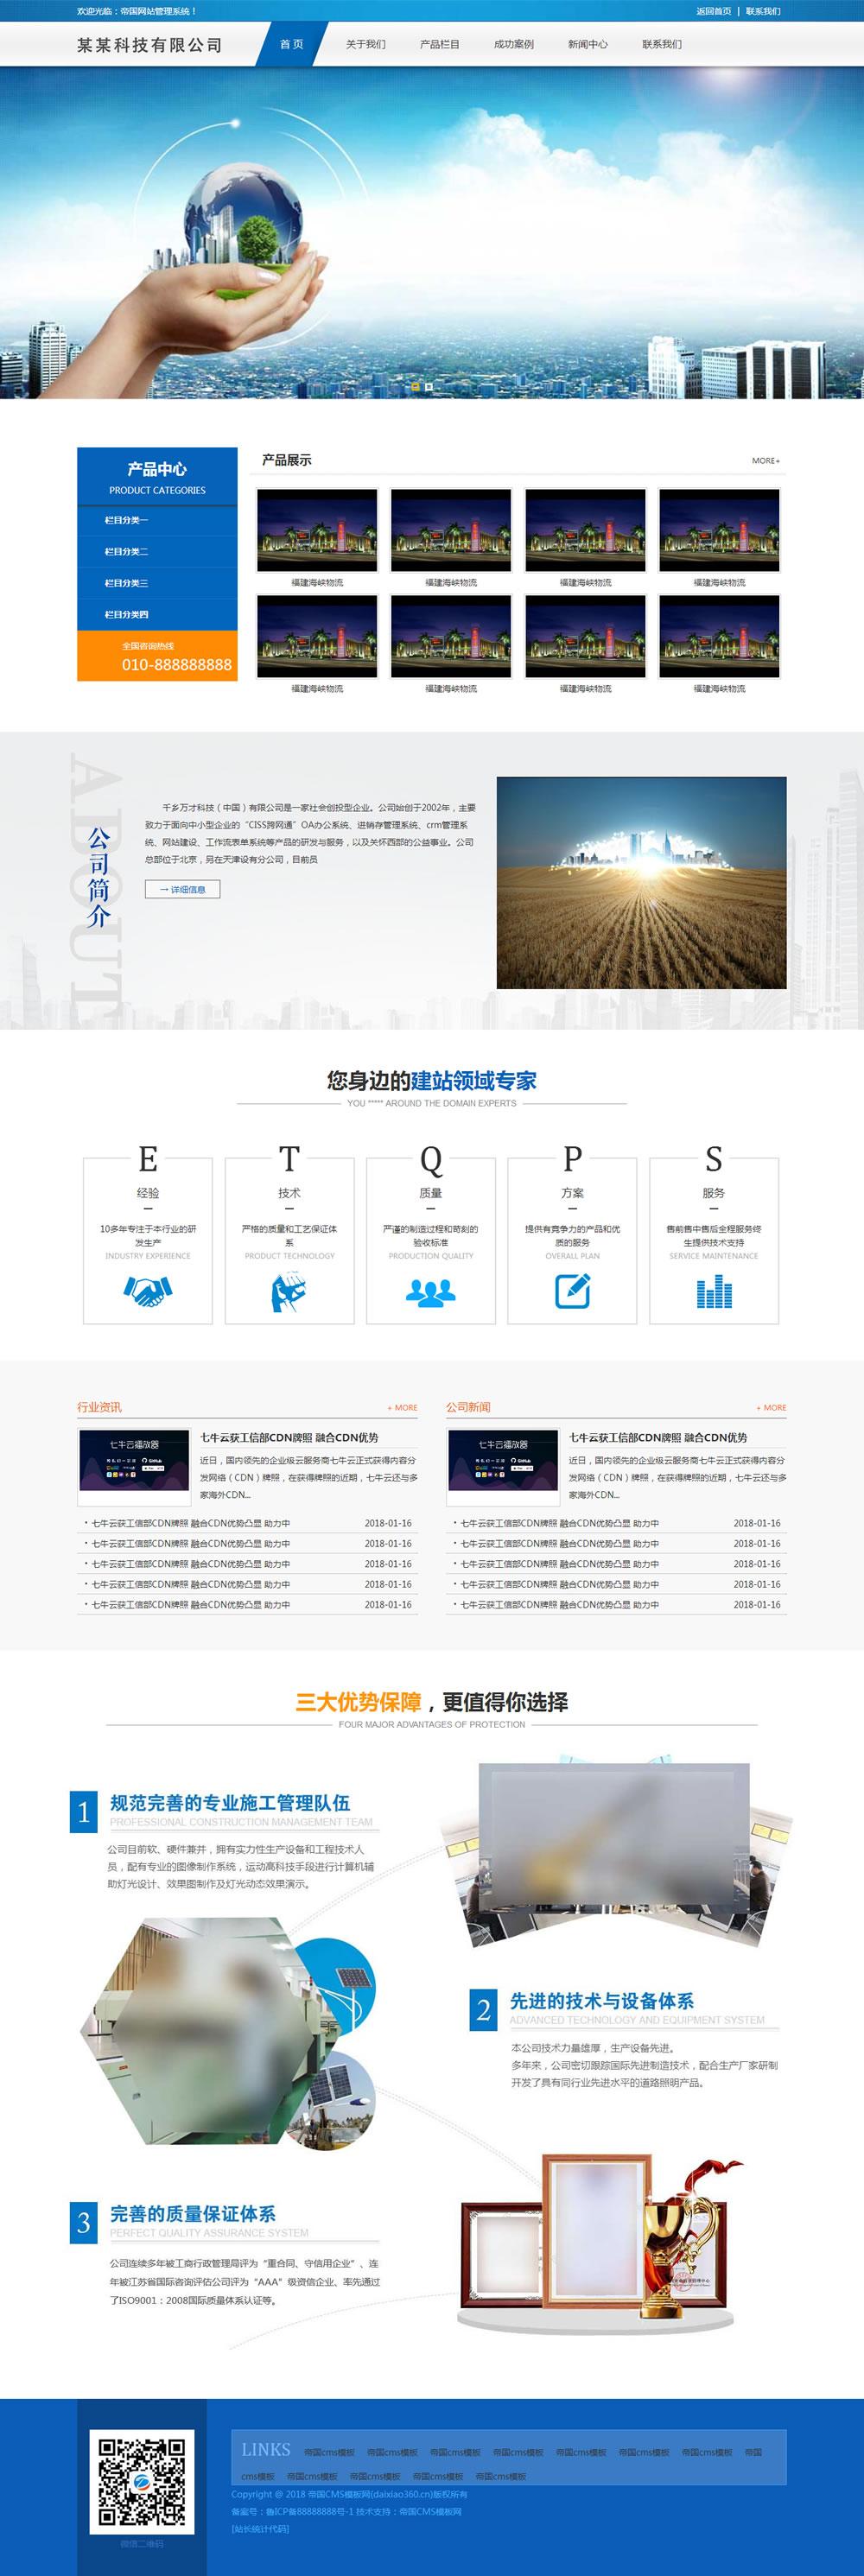 蓝色帝国cms企业模板自适应响应式企业通用类网站模板_首页